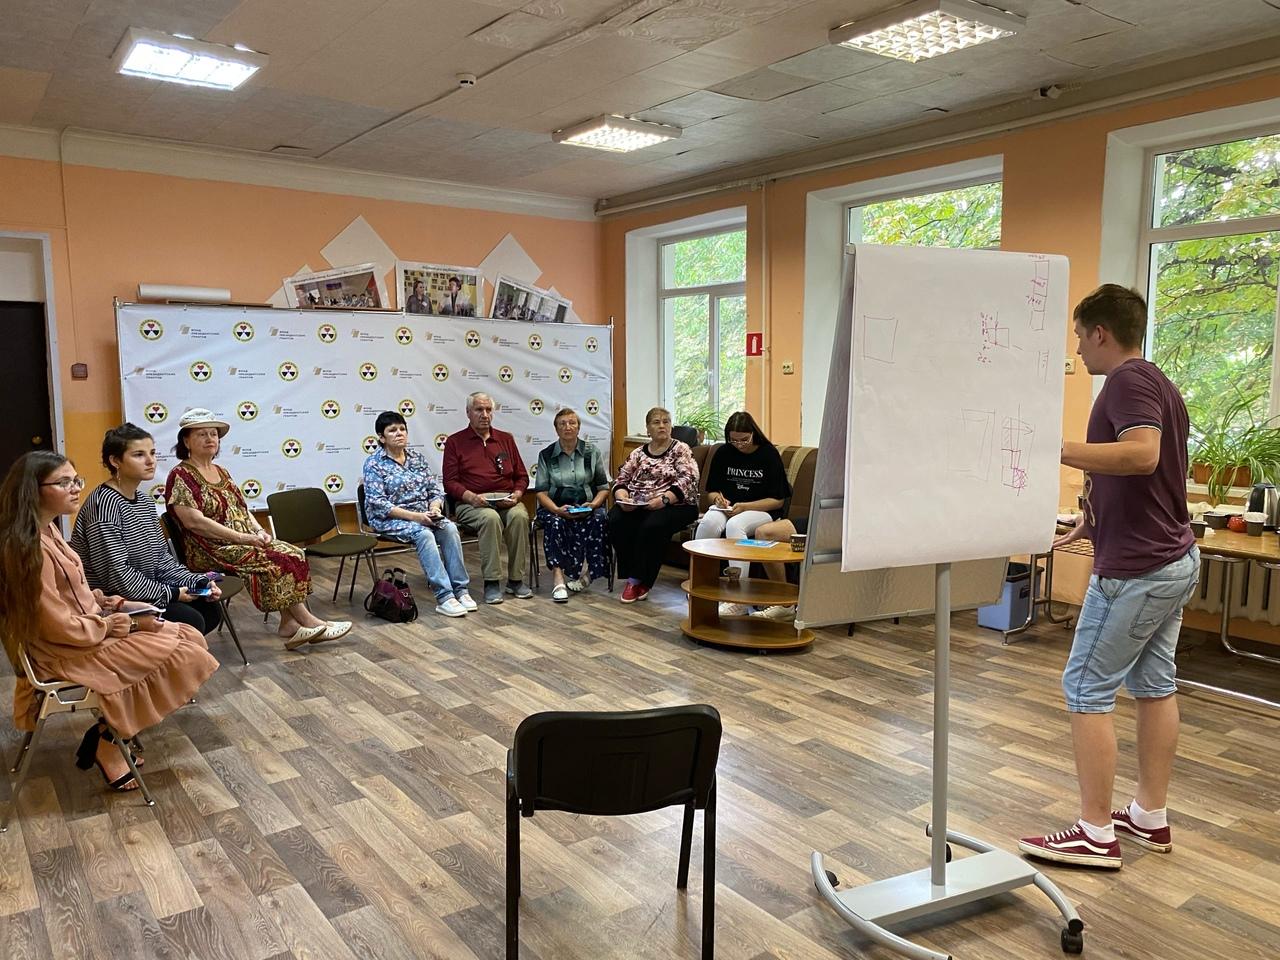 Для пожилых людей в общественной организации «Радимичи» провели лекцию о вакцинации